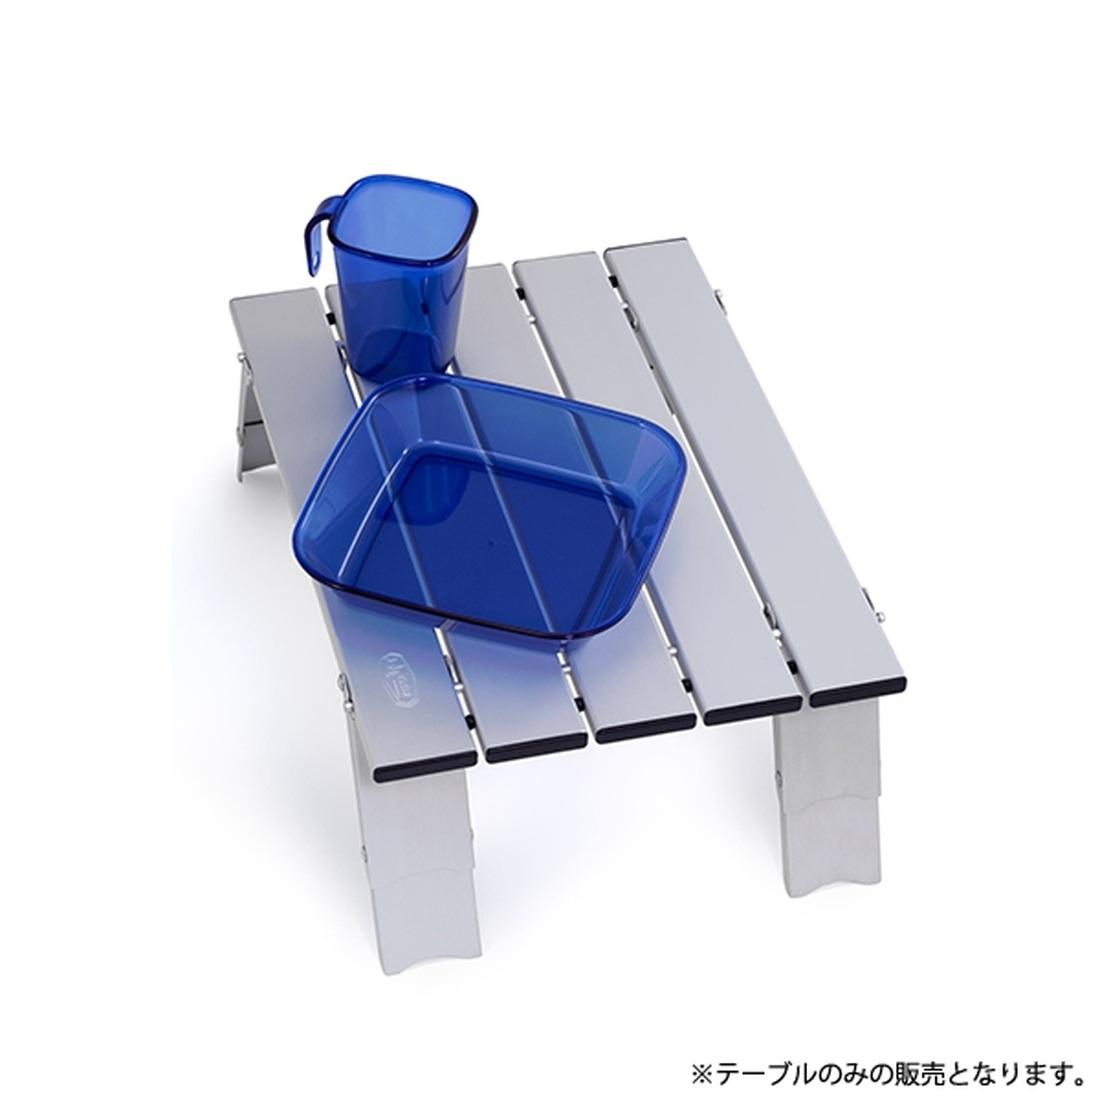 ジーアイエス マイクロテーブル アルミ  国内正規品